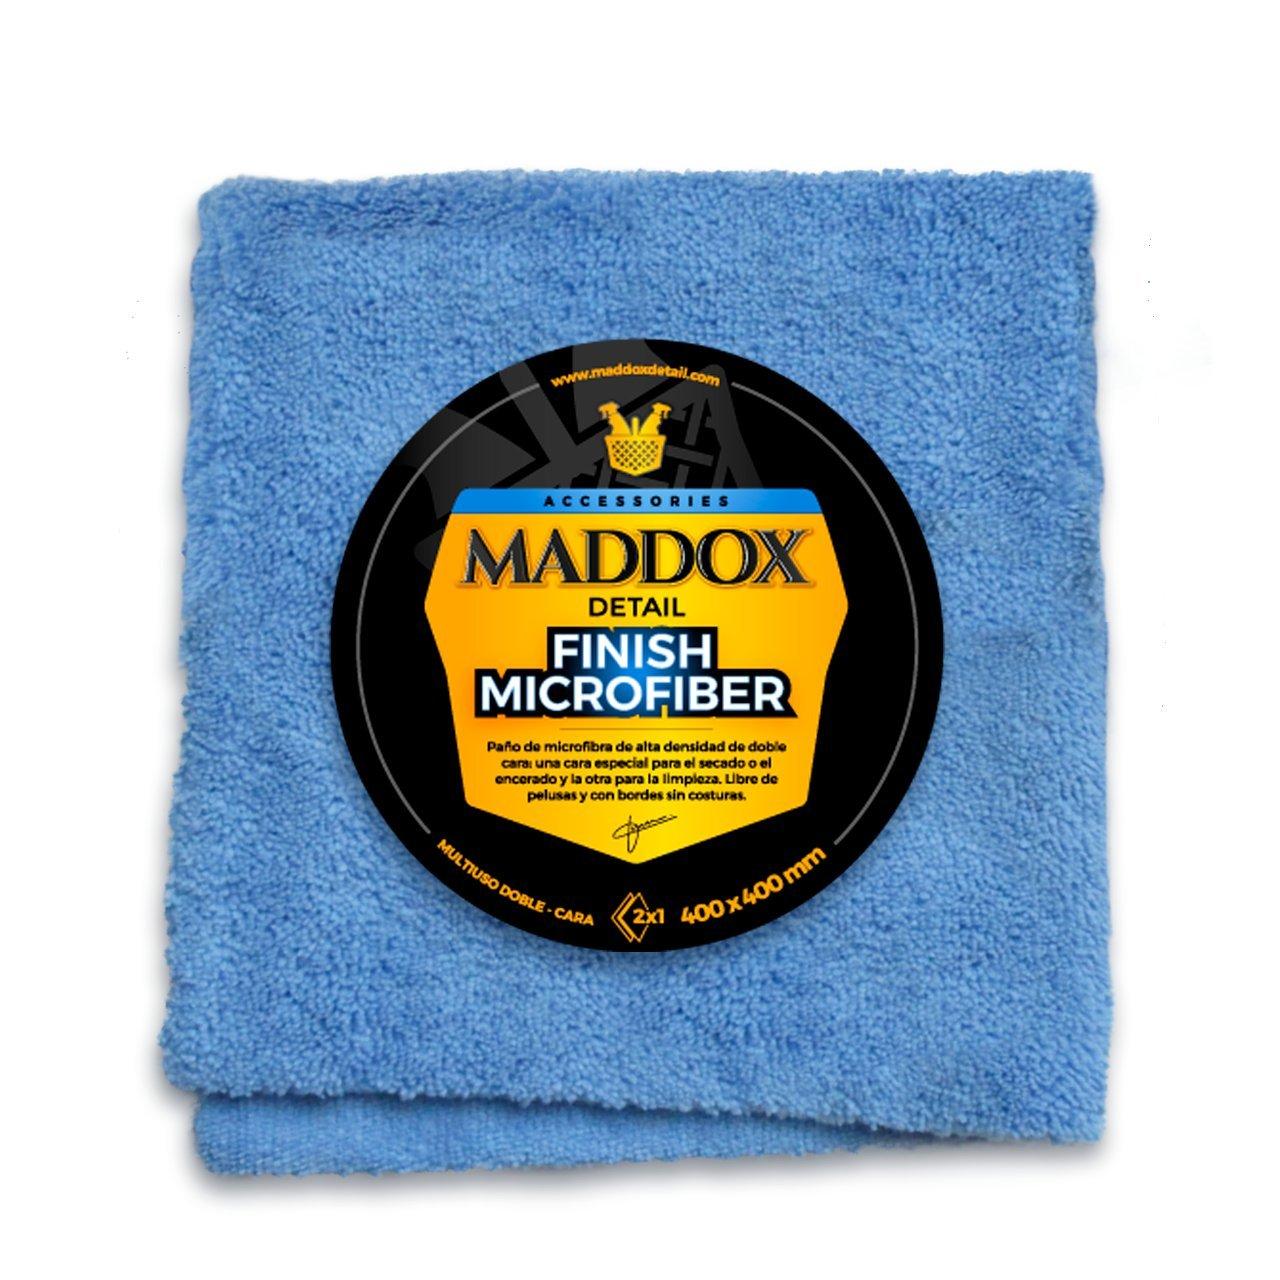 Maddox Detail 70202 Finish Microfiber - Paño de 40 X 40 Cm. Robusto y Sin Pelusa. de Dos Lados Con Bordes Libres de Cos, Azul: Amazon.es: Coche y moto